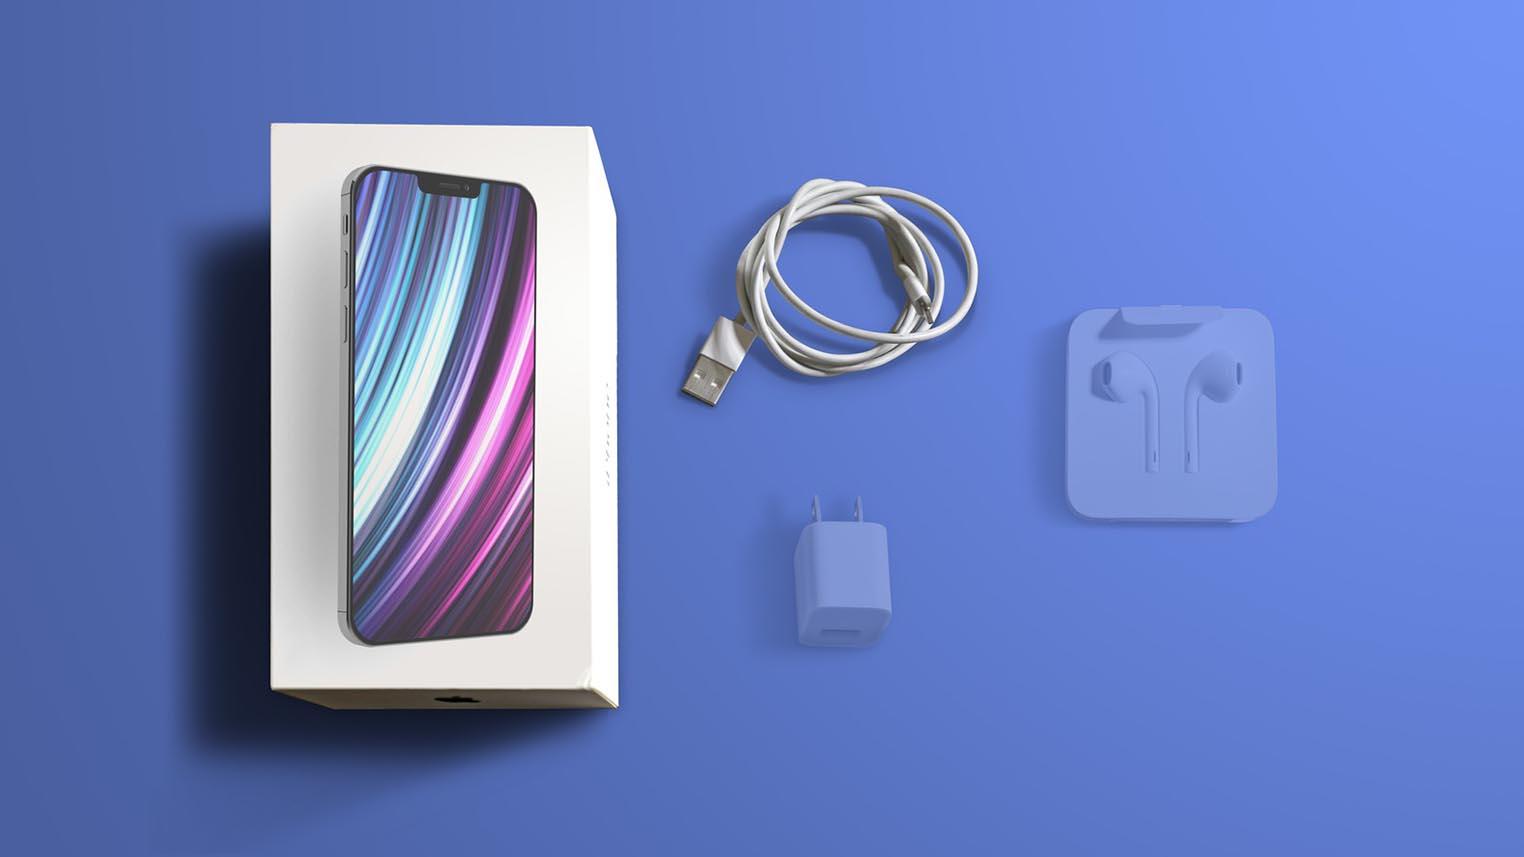 iPhone 12 sans chargeur